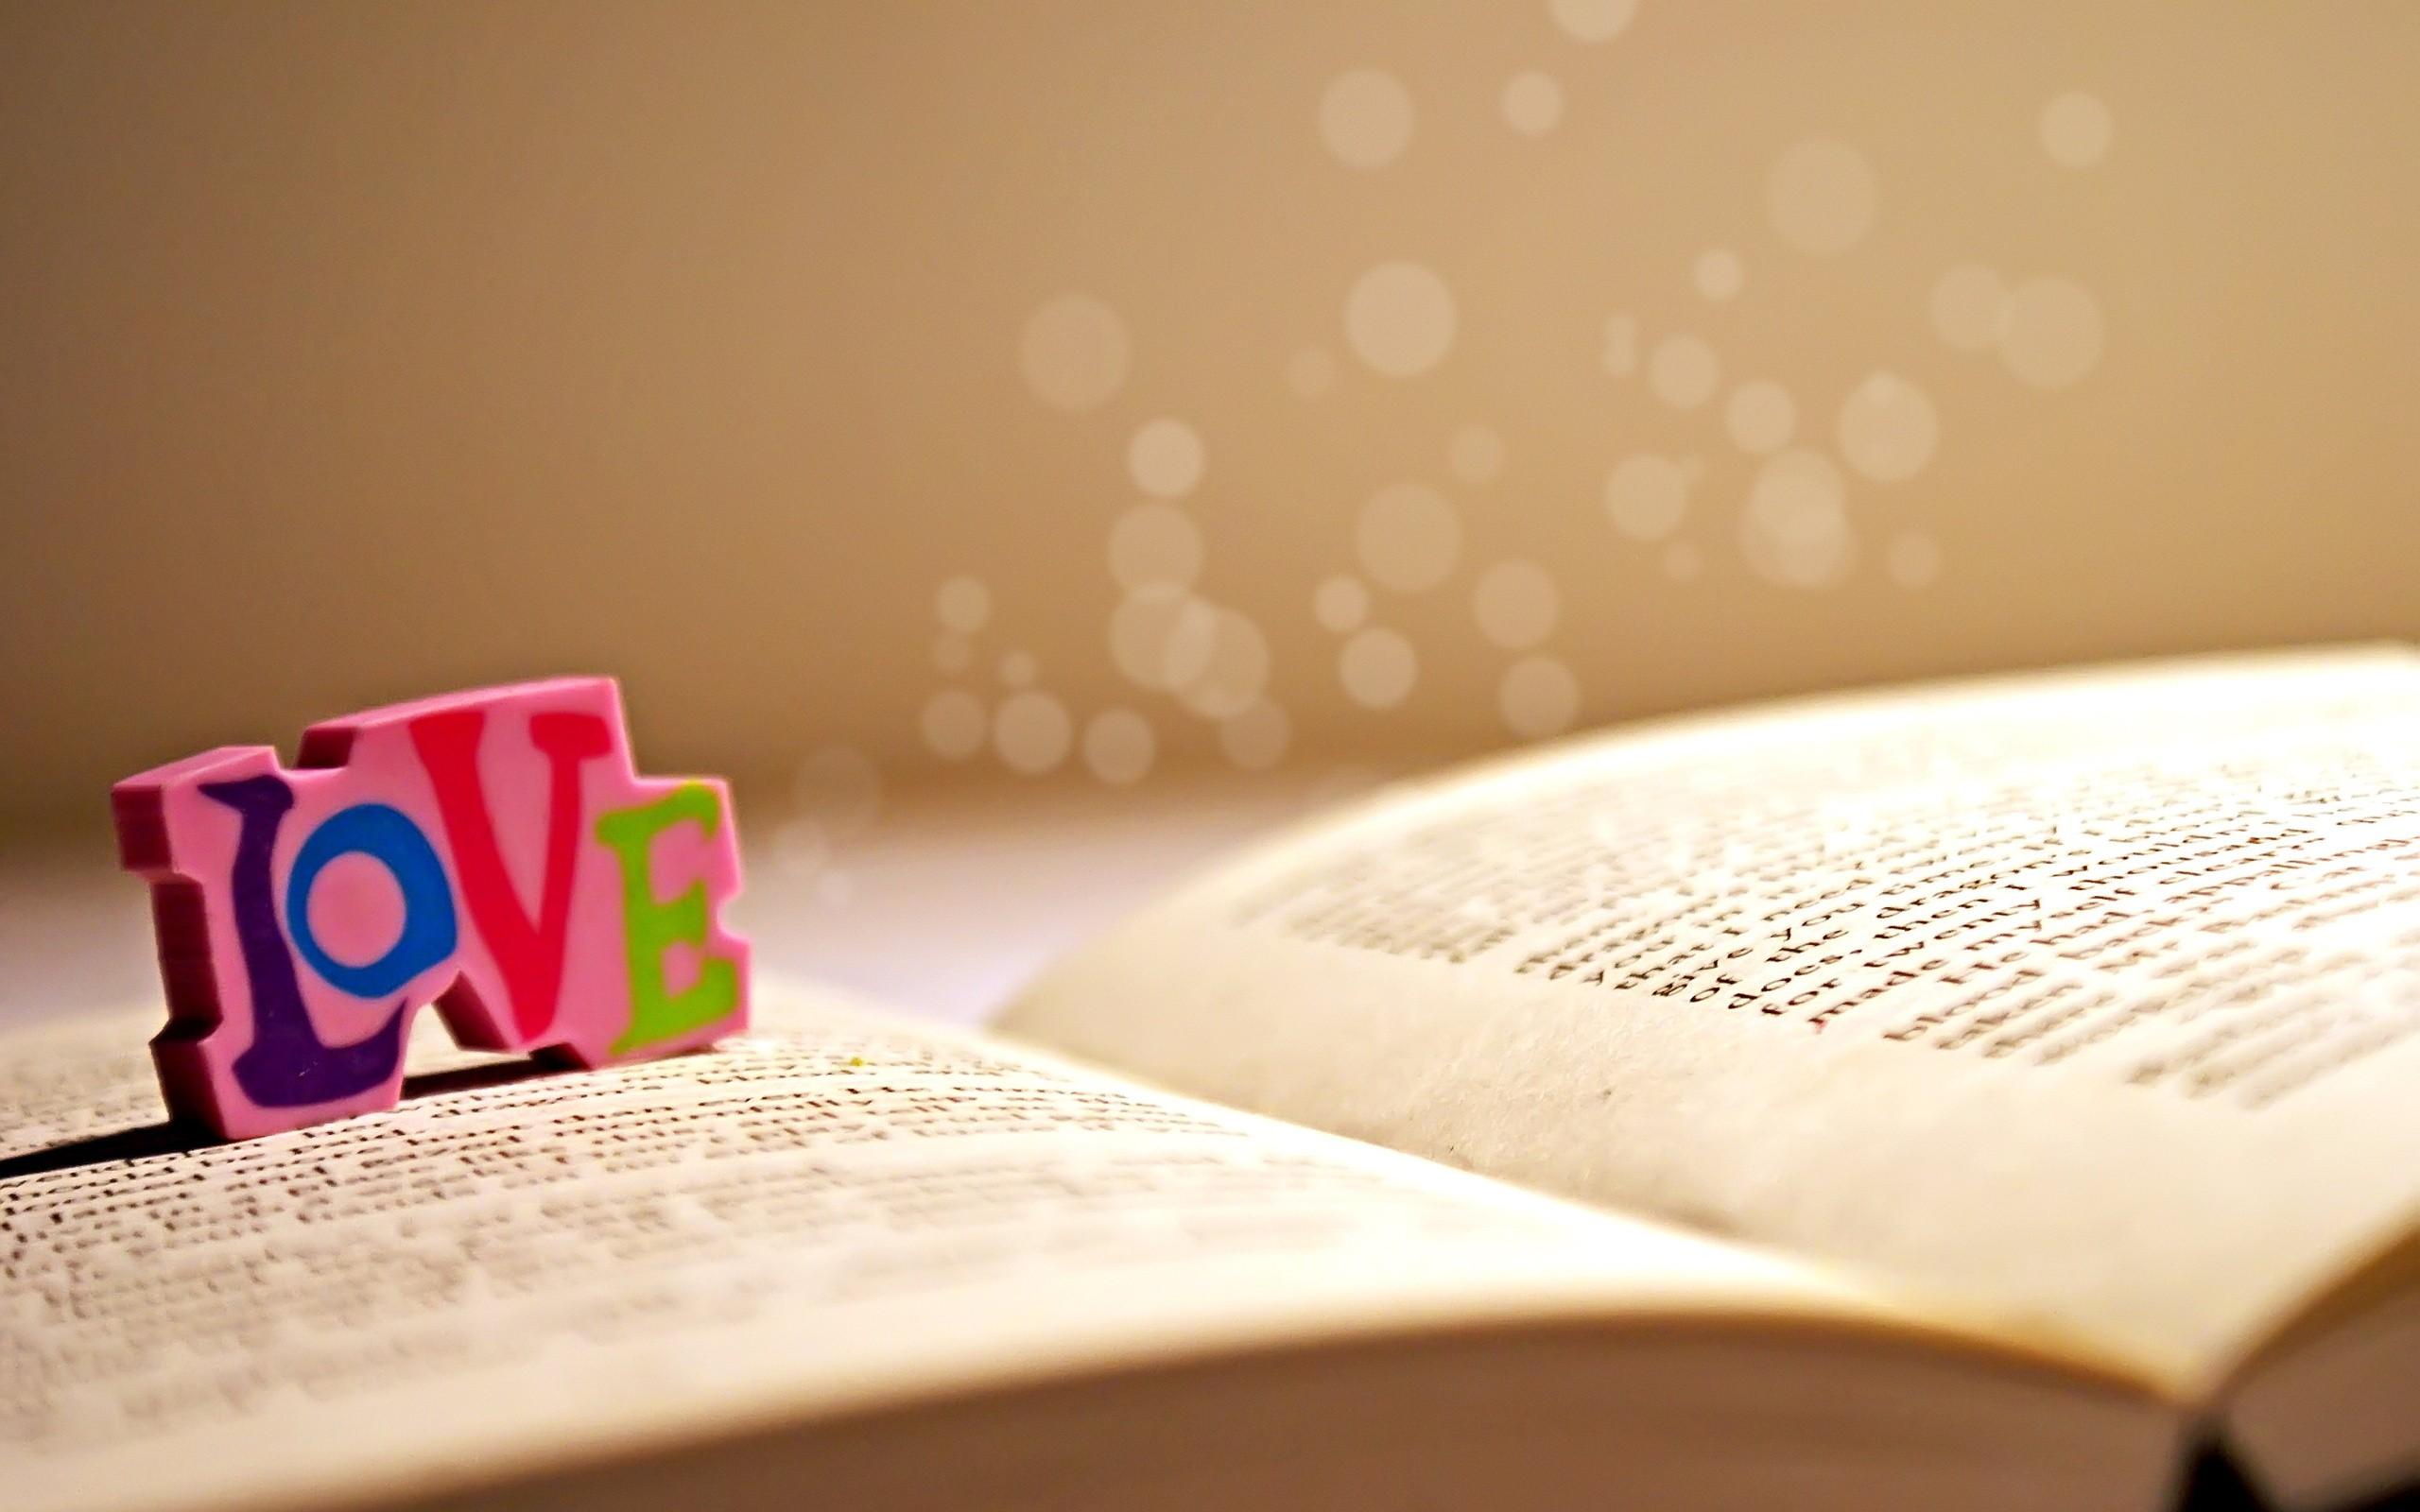 Libro y amor - 2560x1600